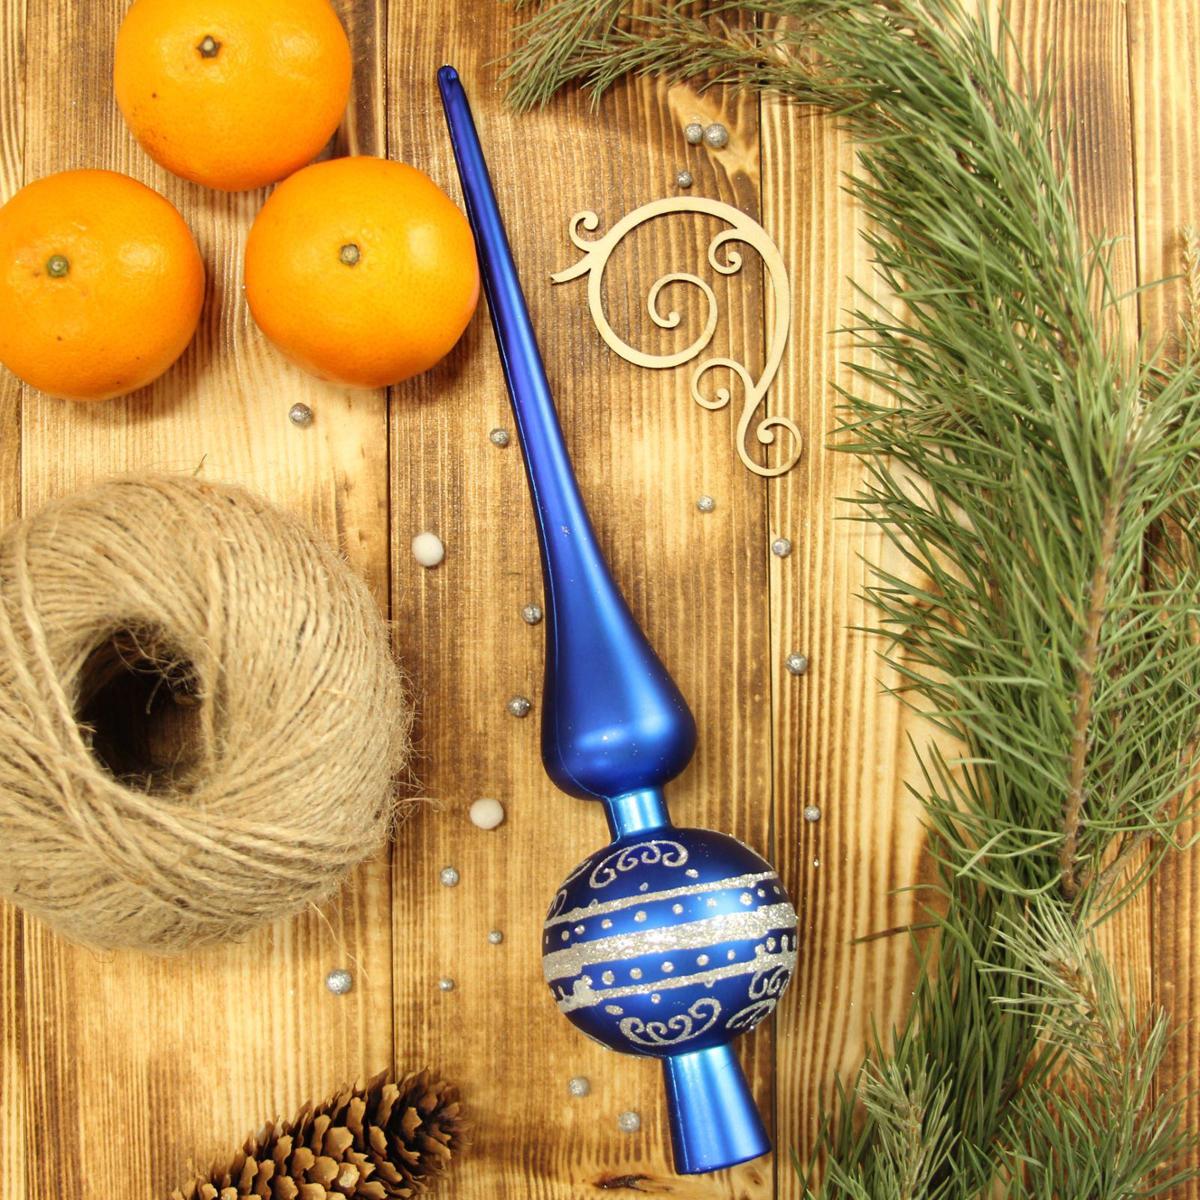 Верхушка на елку Sima-land Полосы. Узор, 27,5 см2123049Верхушка на елку Sima-land будет прекрасно смотреться на новогодней еле. Верхушка на елку - одно из главных новогодних украшений лесной красавицы. Она принесет в ваш дом ни с чем не сравнимое ощущение праздника! Новогодние украшения несут в себе волшебство. Они помогут вам украсить дом к предстоящим праздникам и оживить интерьер по вашему вкусу. Создайте в доме атмосферу тепла, веселья и радости, украшая его всей семьей.